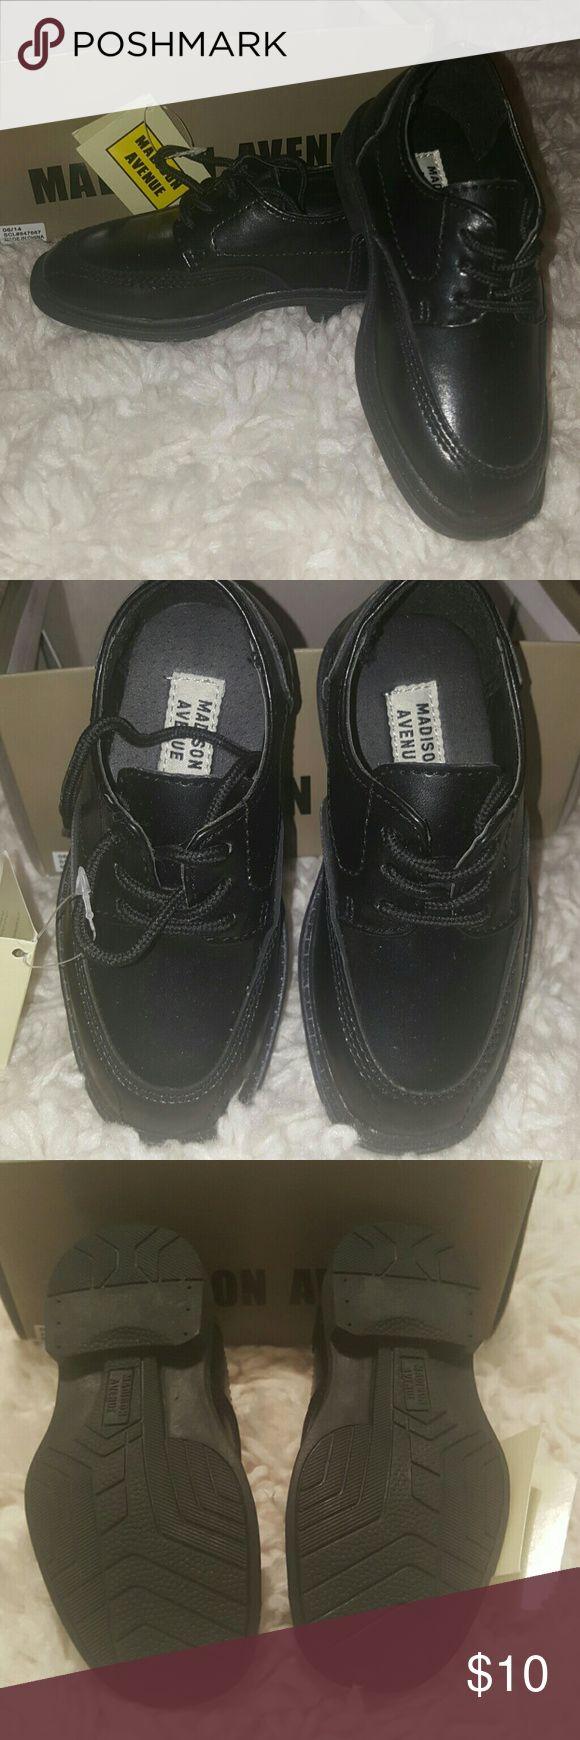 Toddler dress shoes BNIB Black toddler dress shoes. Brand new. Madison Avenue Shoes Dress Shoes